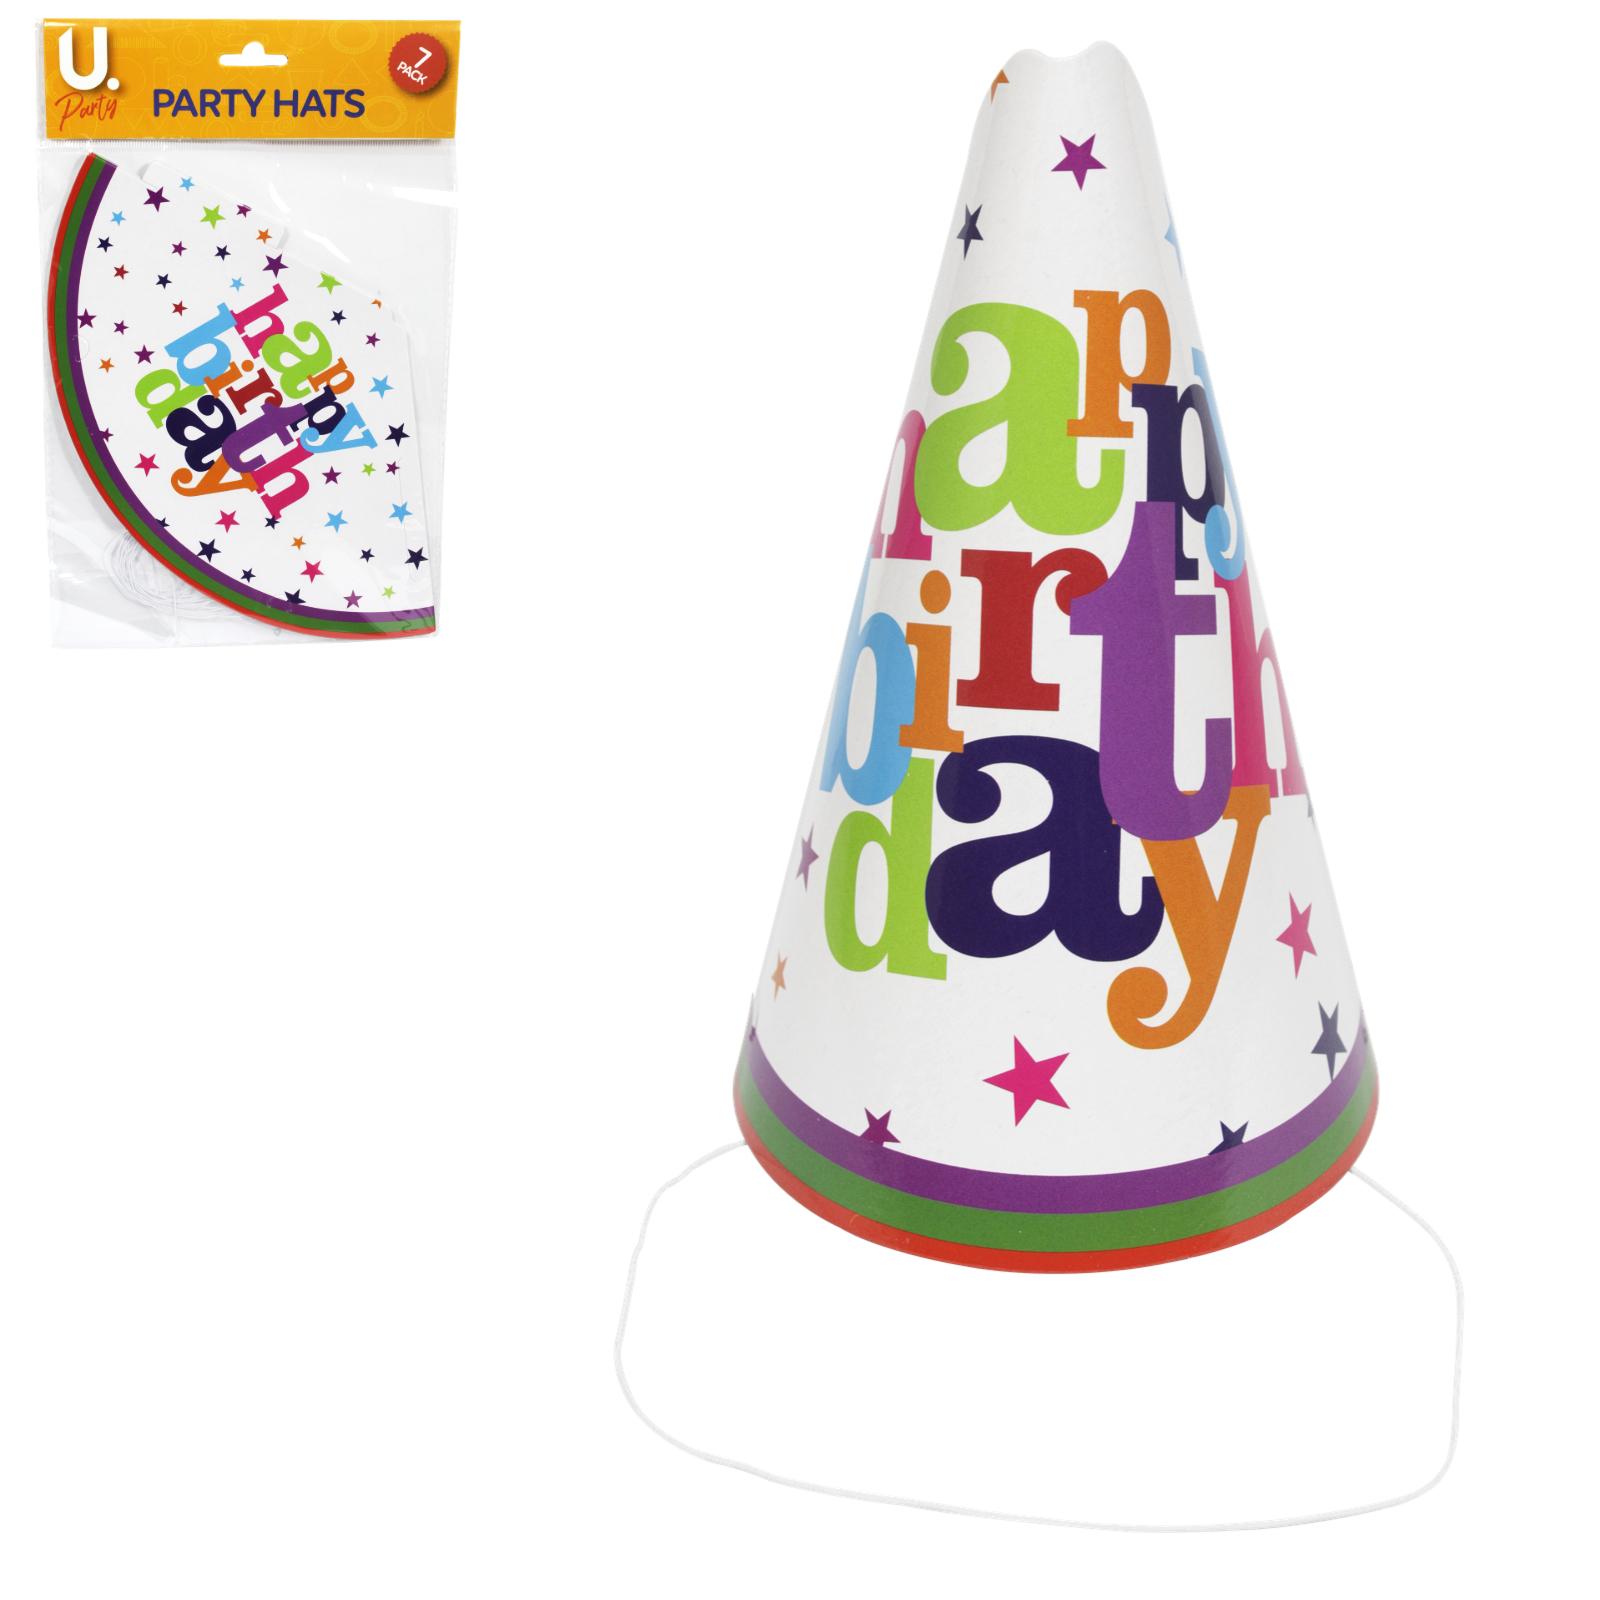 HAPPY BIRTHDAY PARTY HATS 8PK